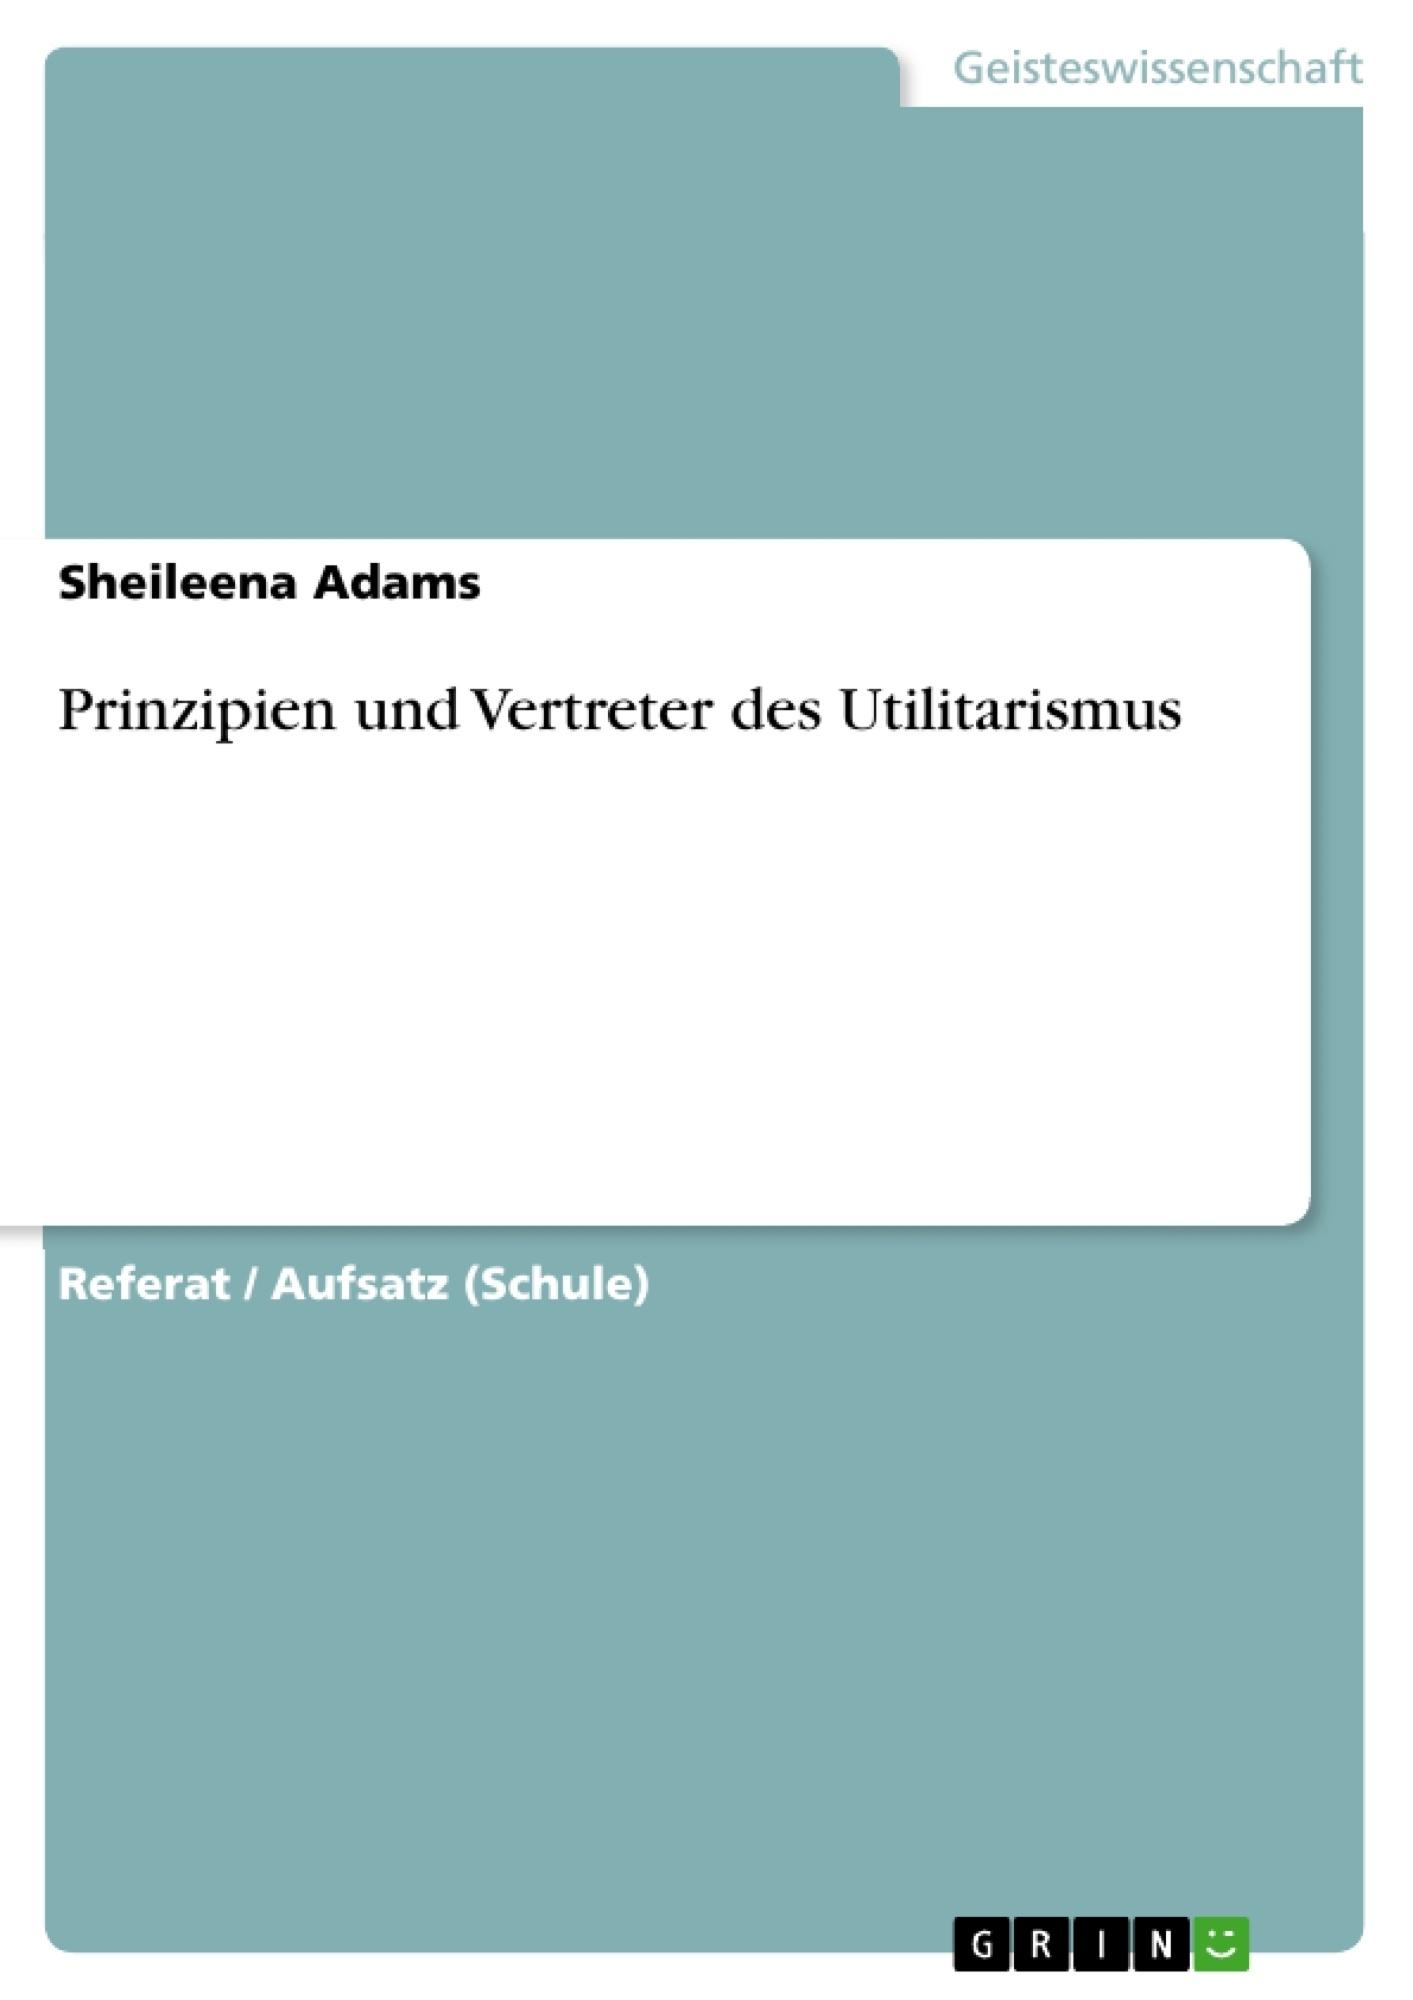 Titel: Prinzipien und Vertreter des Utilitarismus